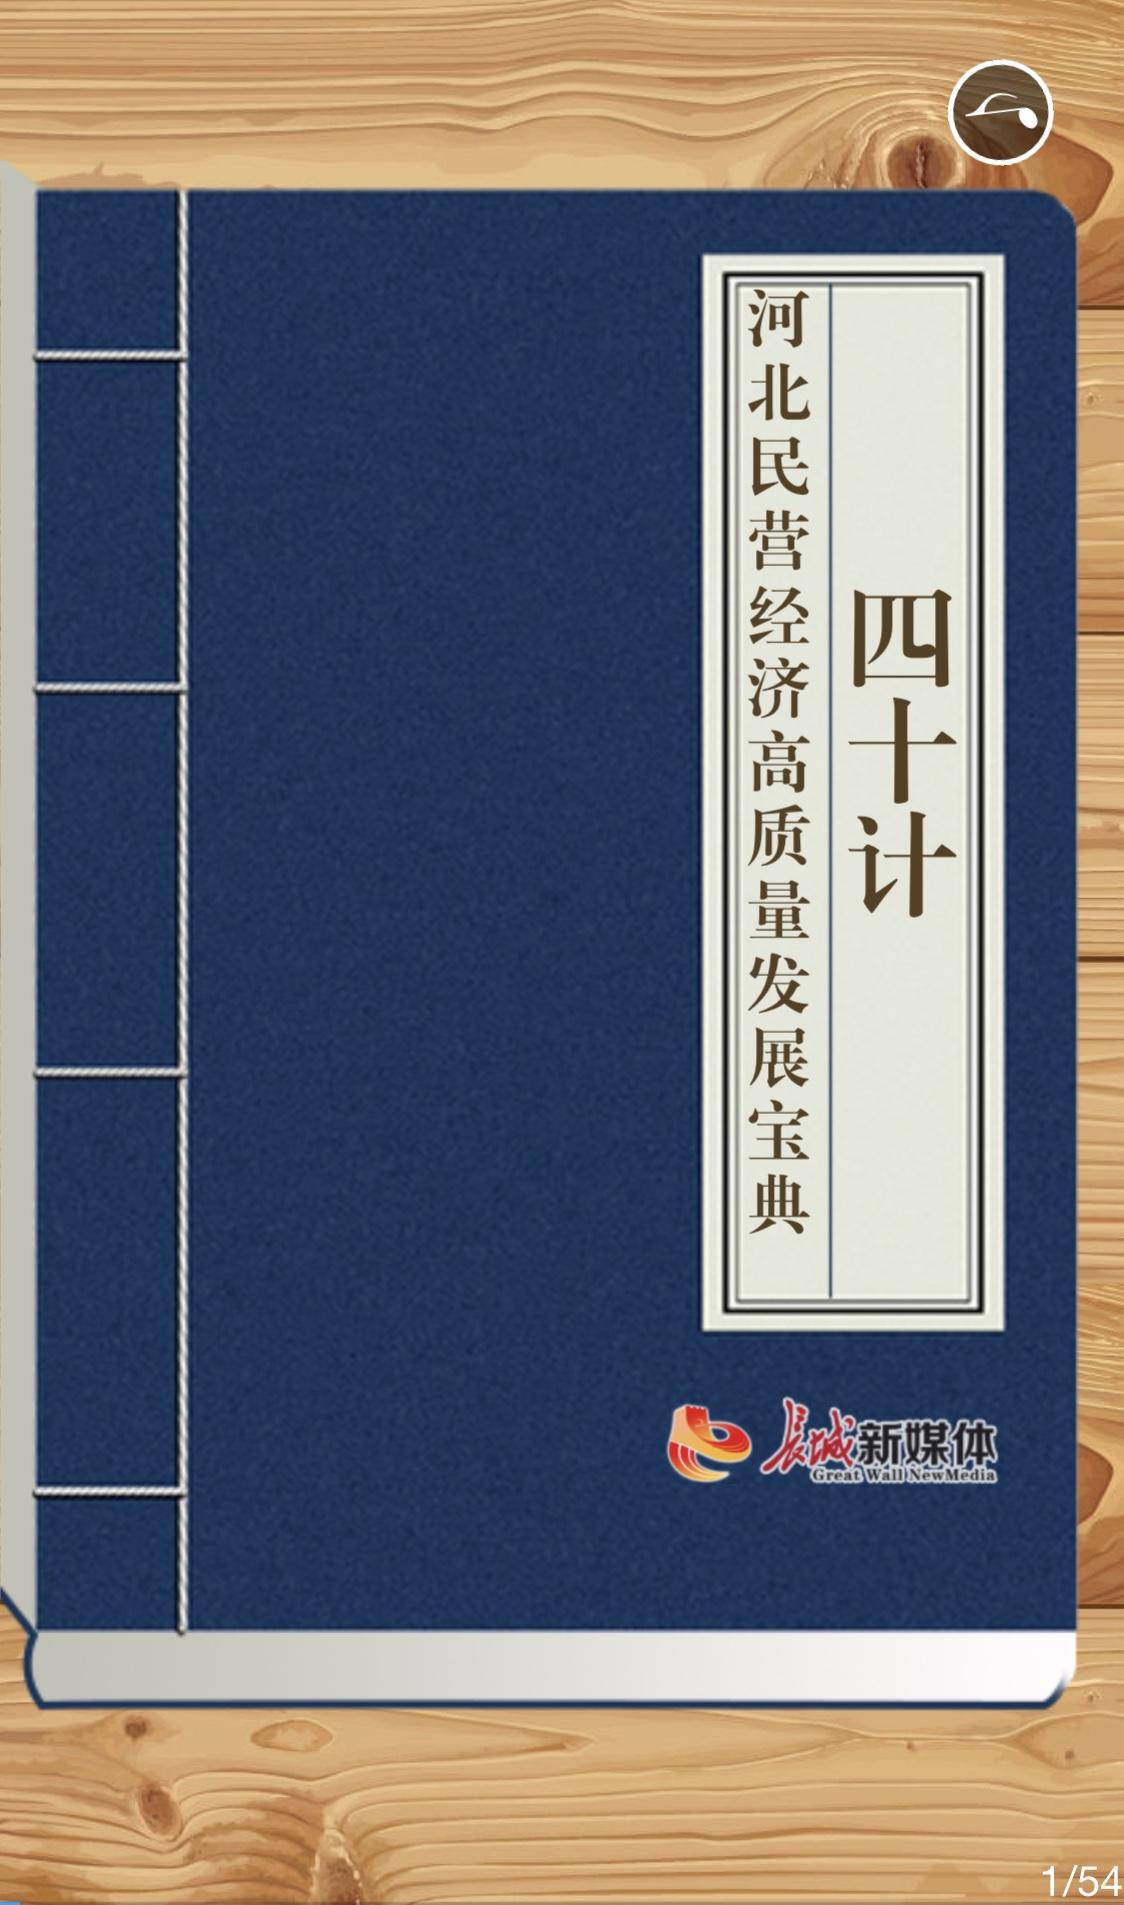 河北民营经济高质量发展宝典:四十计